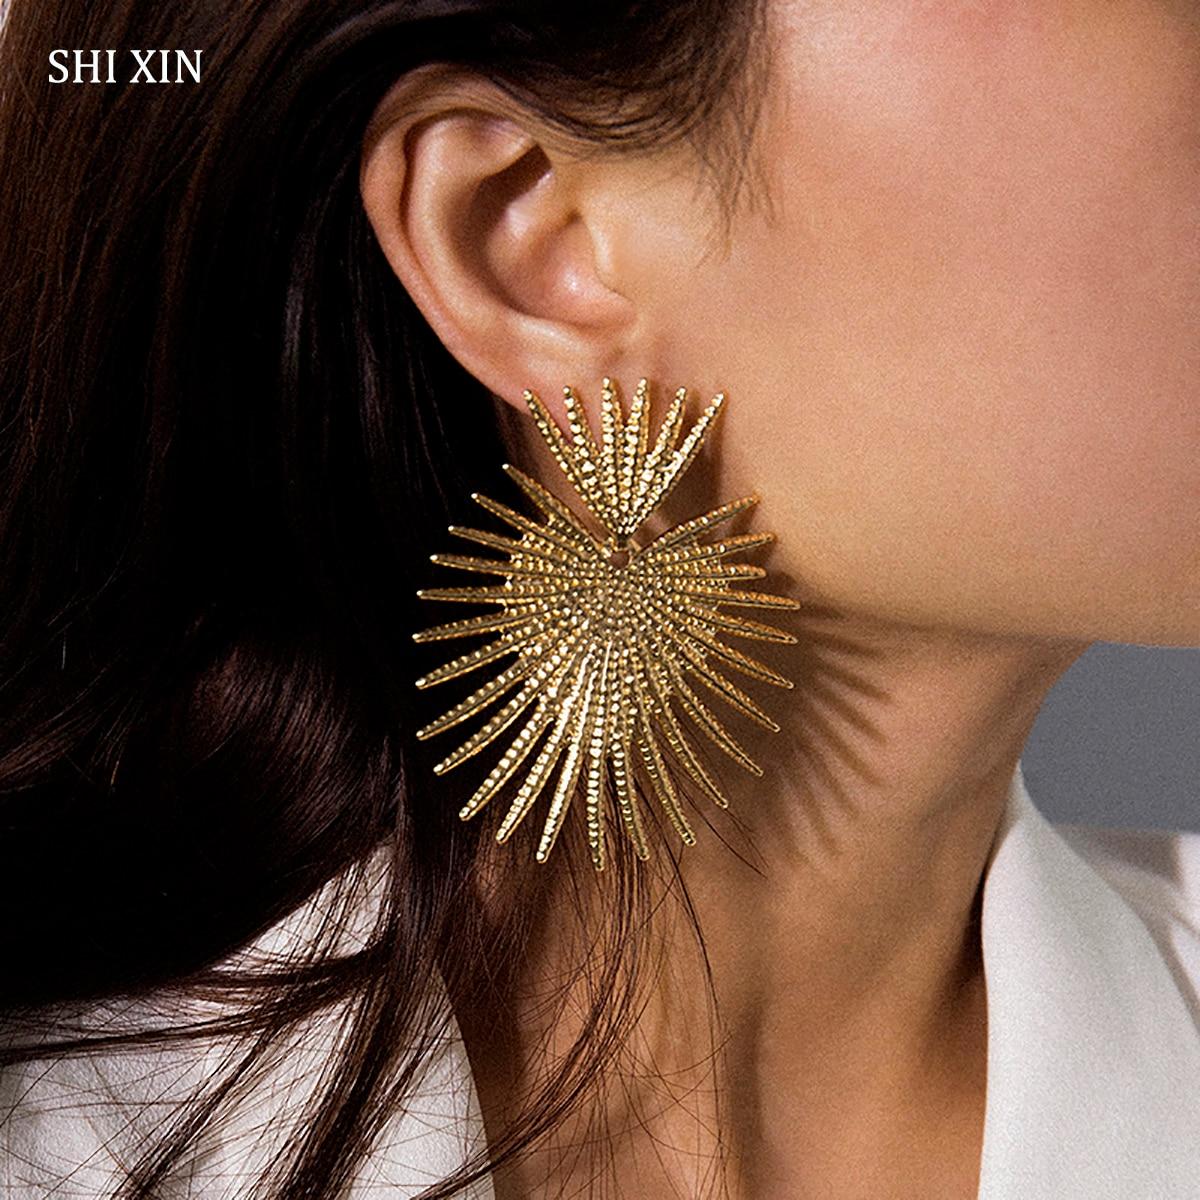 Большие серьги SHIXIN в стиле панк для женщин, винтажные дизайнерские серьги с уникальным сердцем, 2020, эффектные висячие серьги, модный подарок